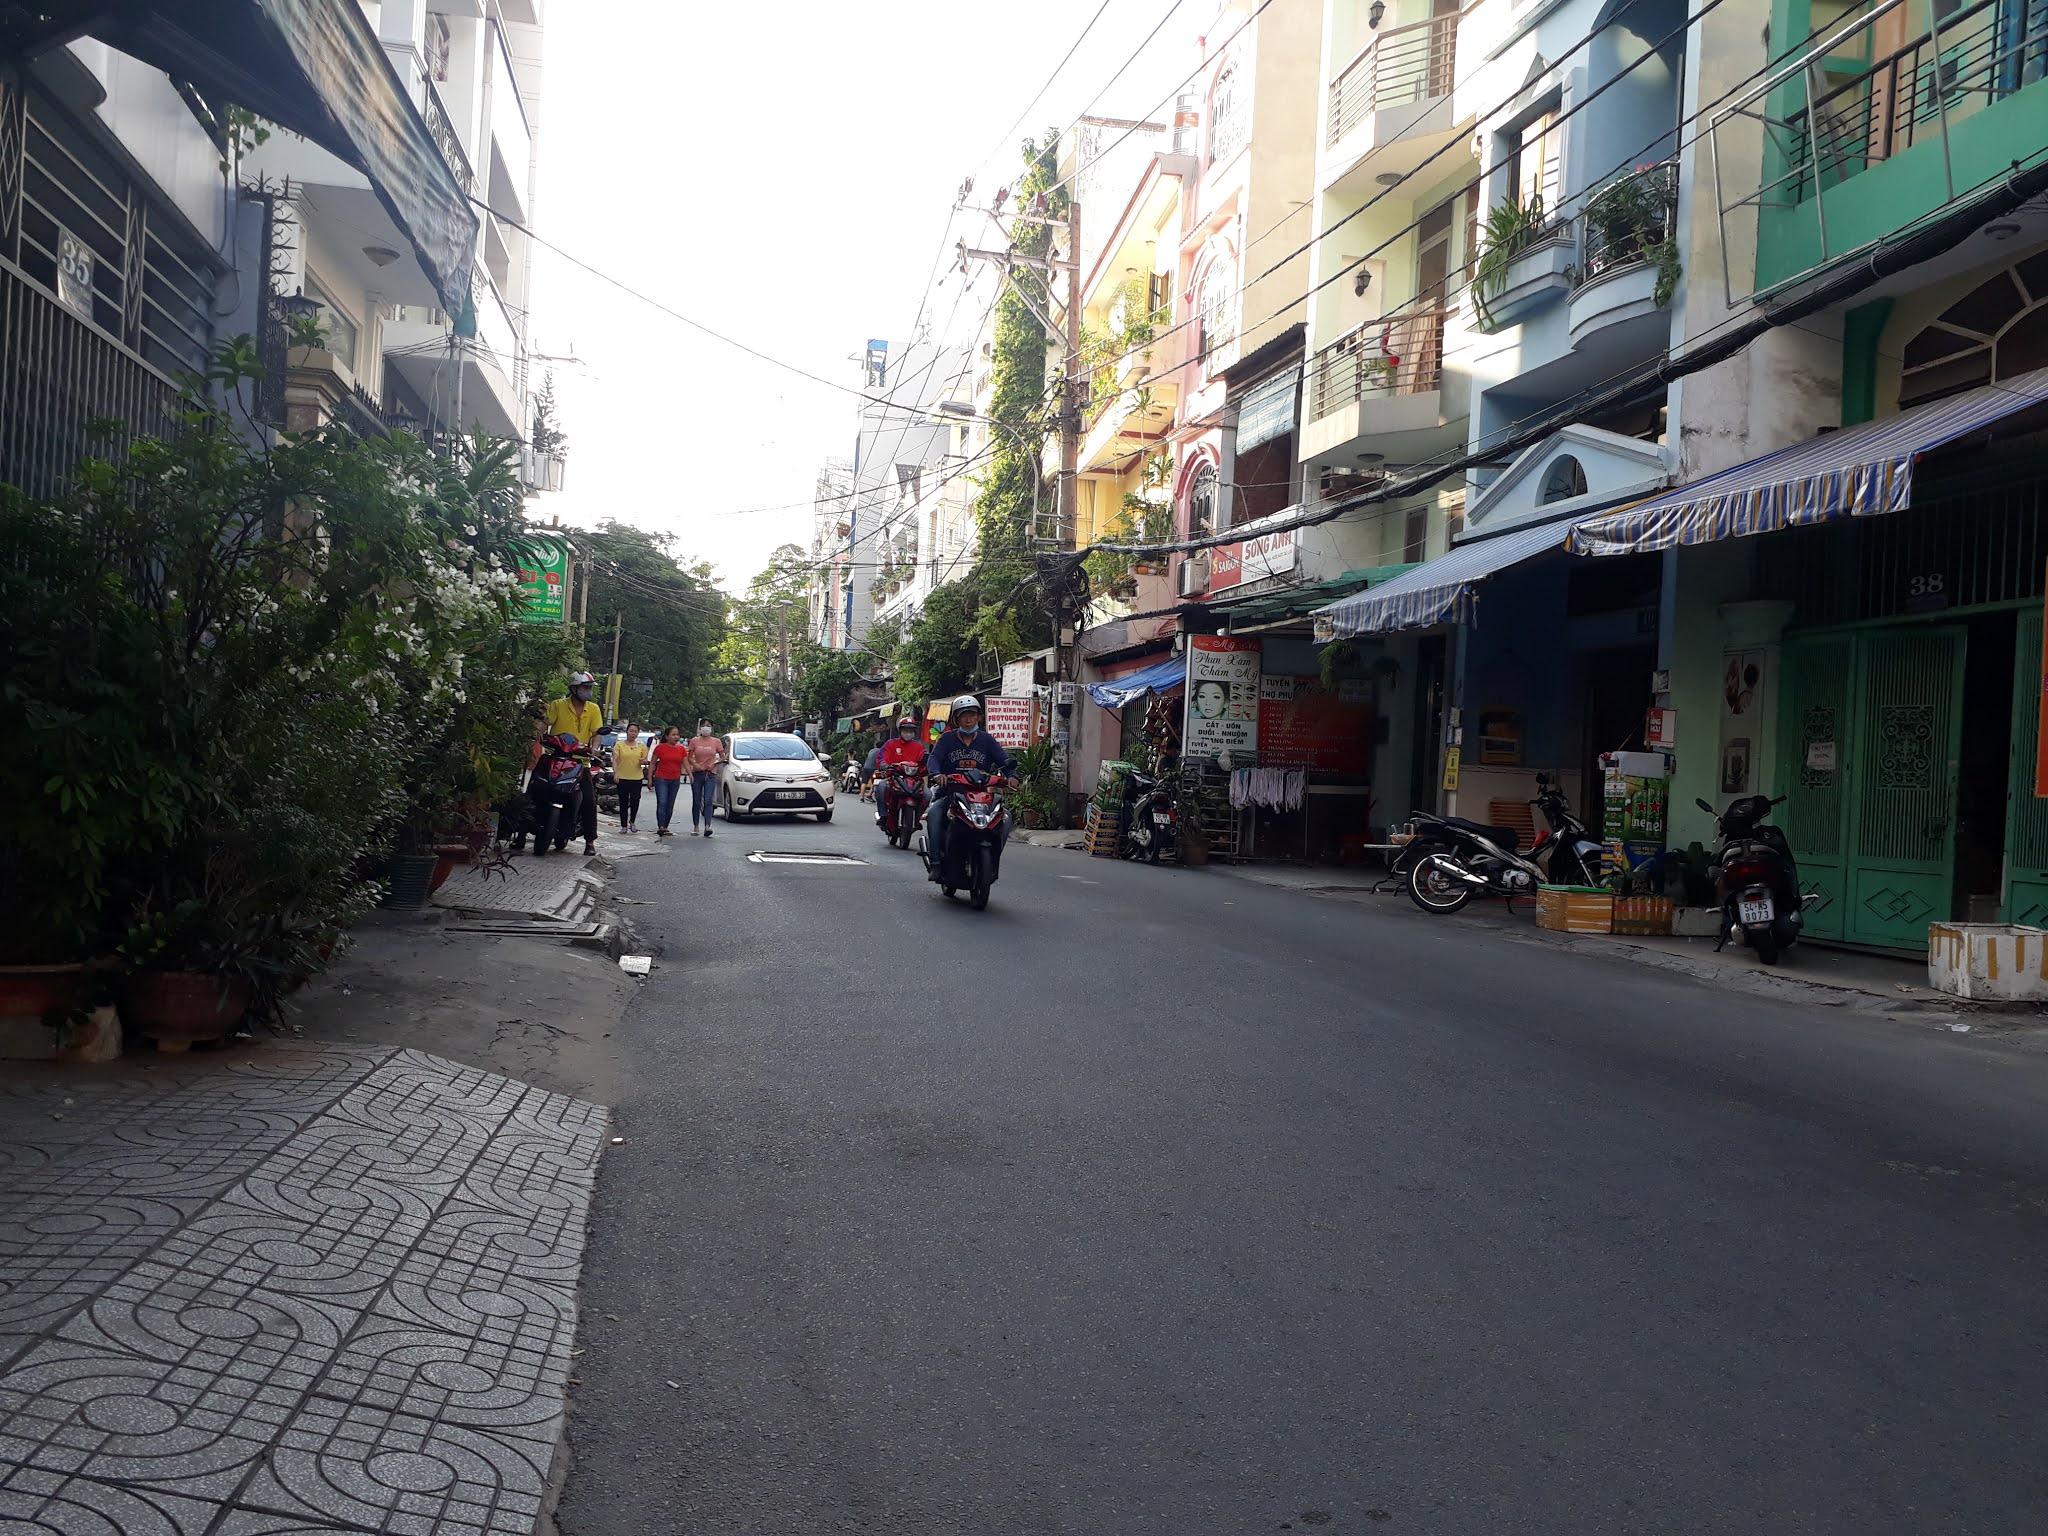 Bán nhà Mặt tiền đường Bùi Văn Thêm phường 9 quận Phú Nhuận